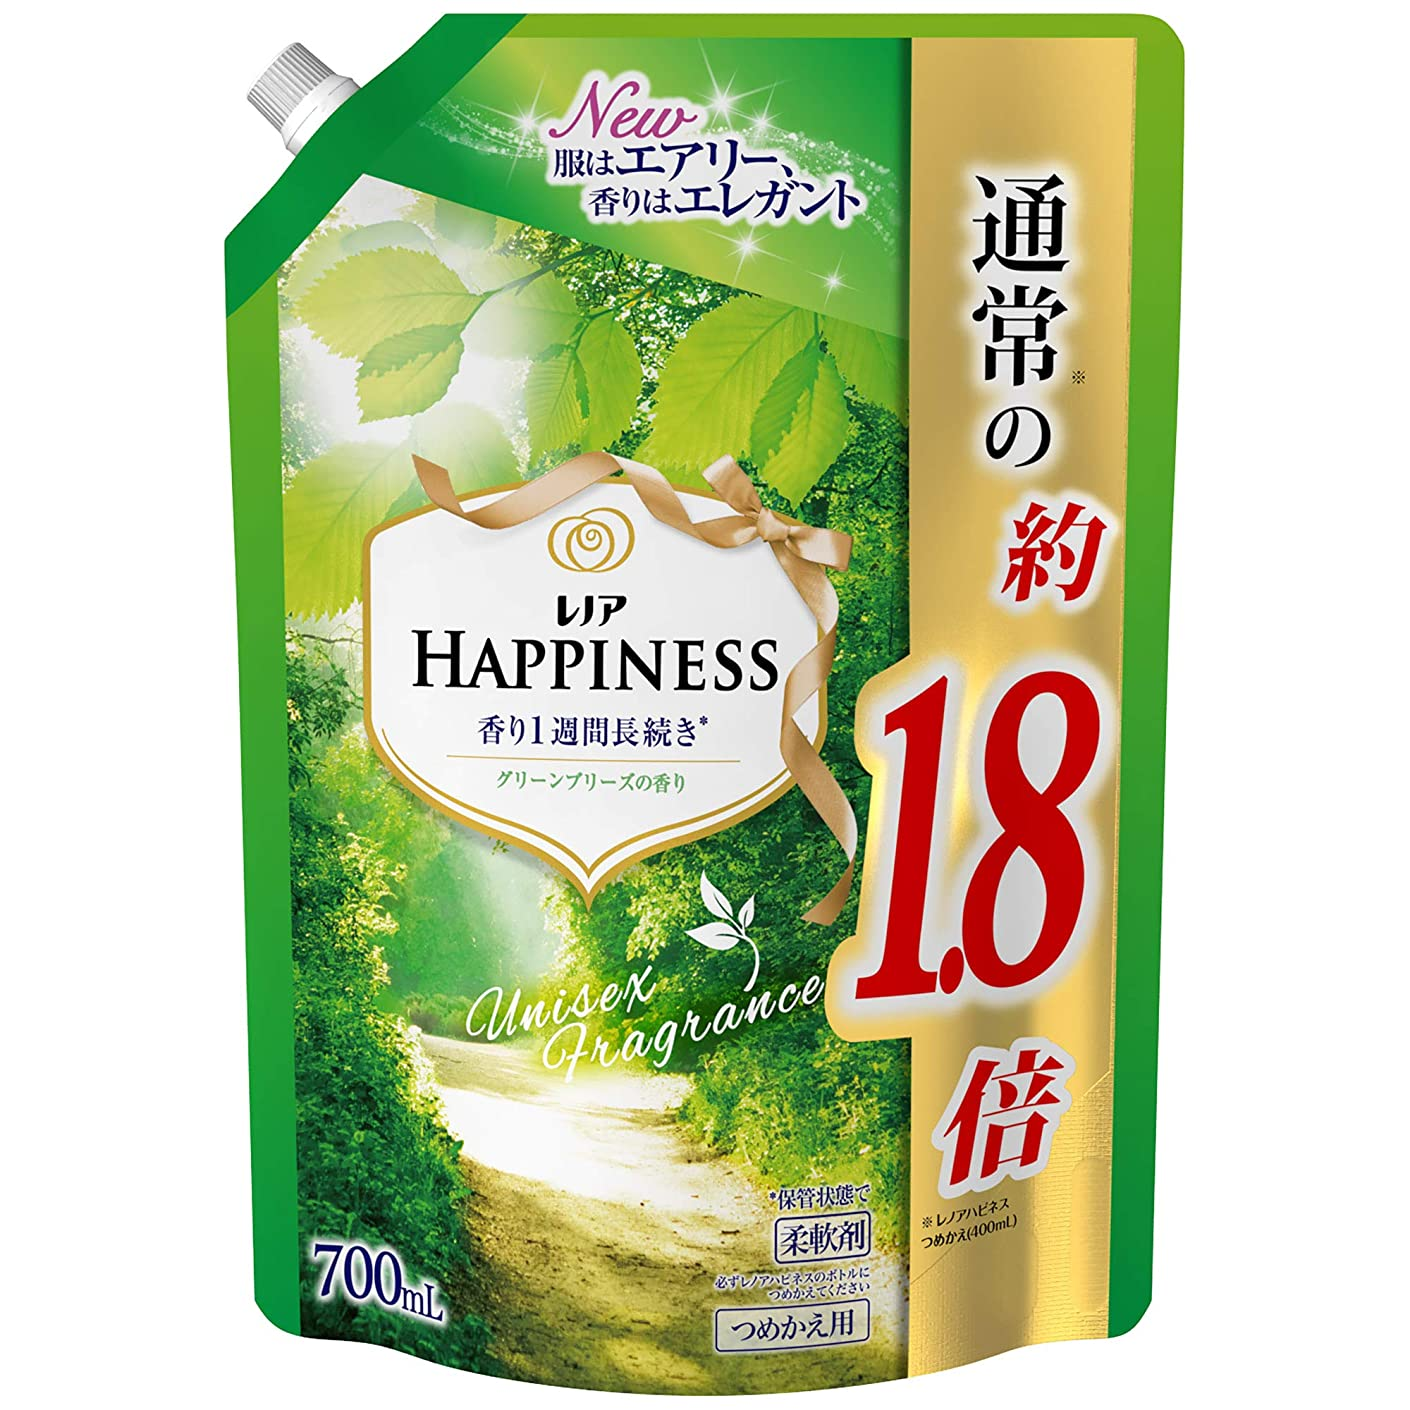 舌古代悲鳴レノア ハピネス 柔軟剤 ユニセックスシリーズ グリーンブリーズの香り 詰め替え 約1.8倍(700mL)